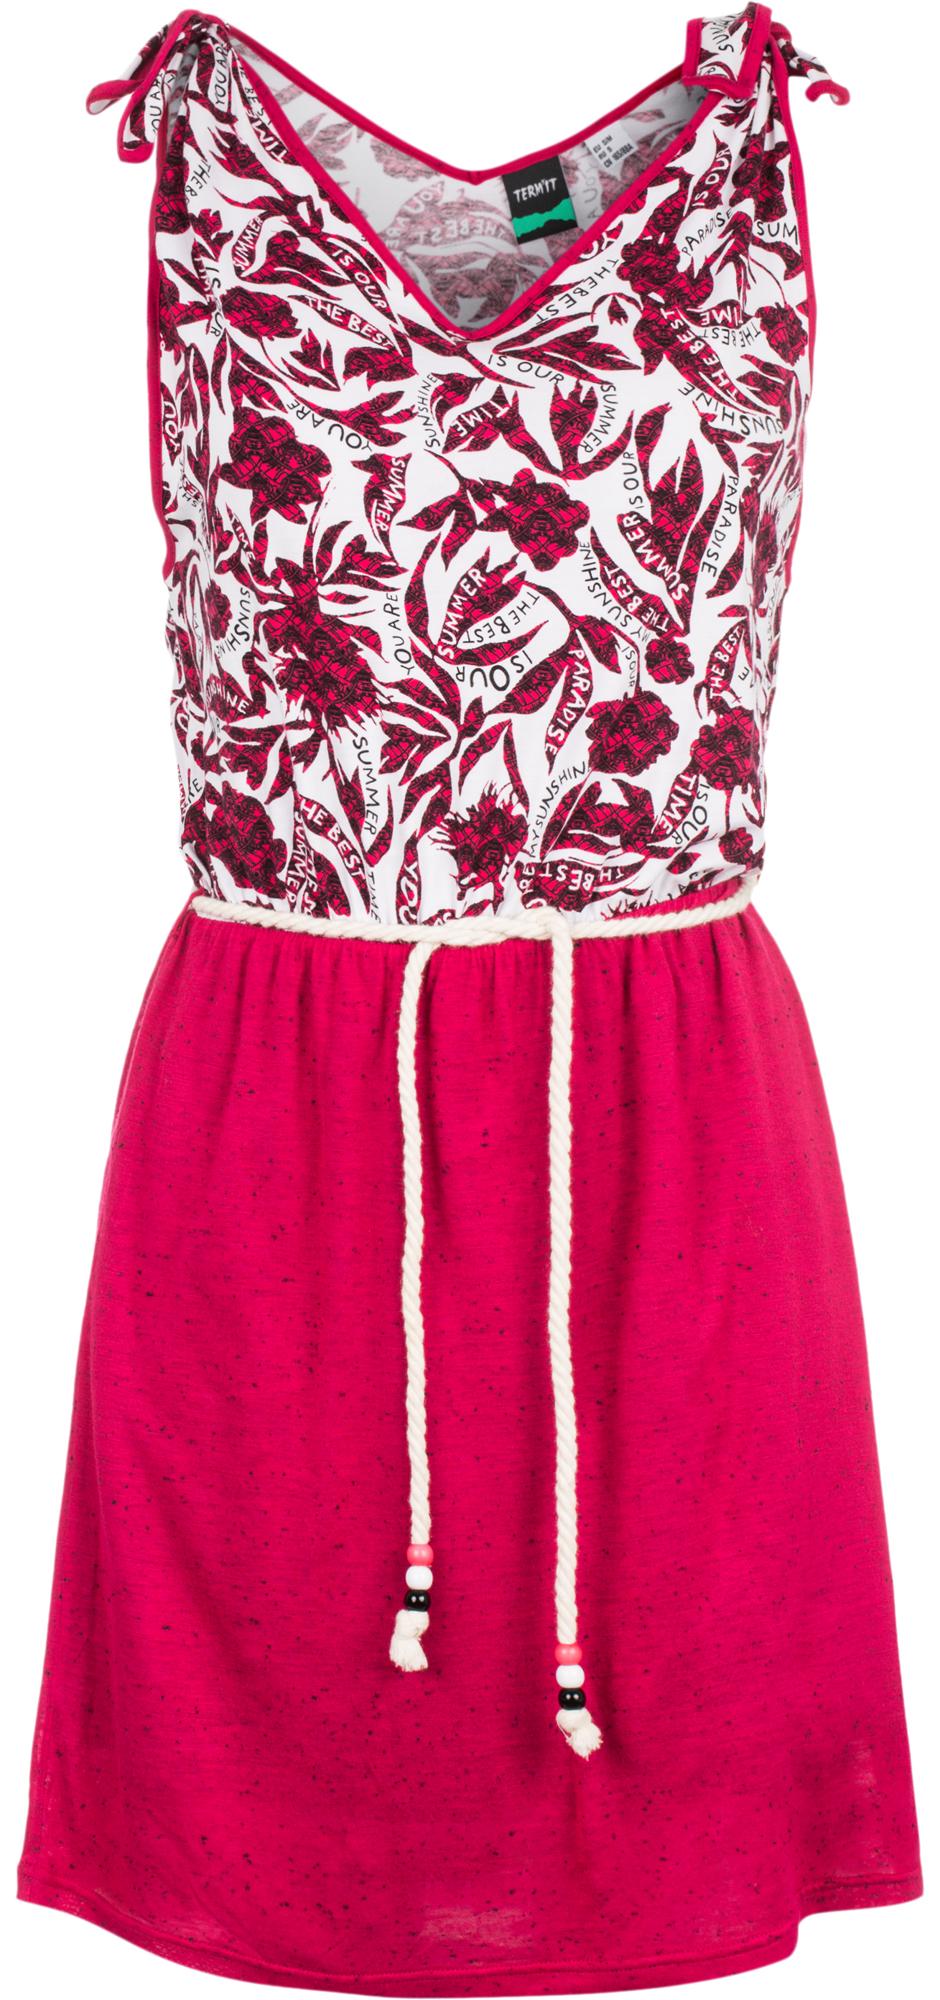 цены на Termit Платье женское Termit в интернет-магазинах